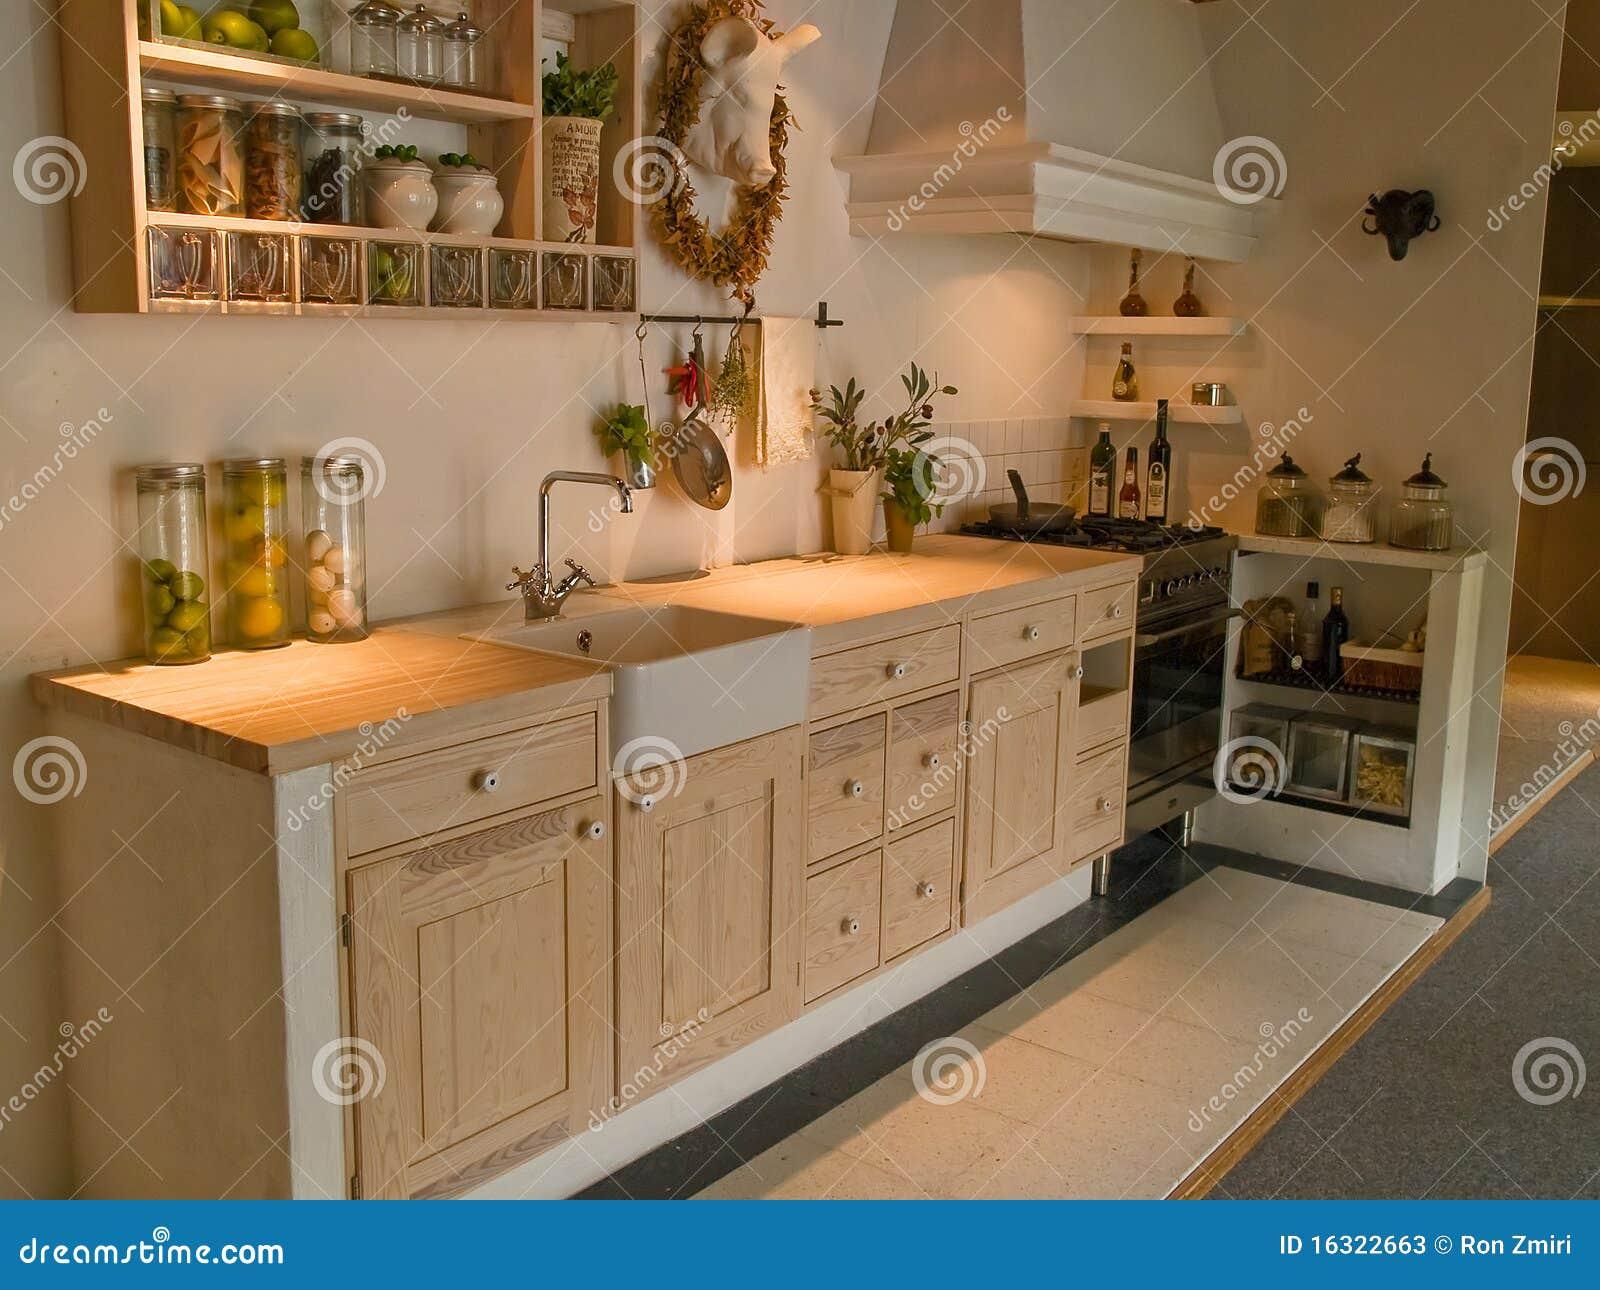 Increíble Ideas De Diseño De Cocina Del País Cresta - Ideas de ...